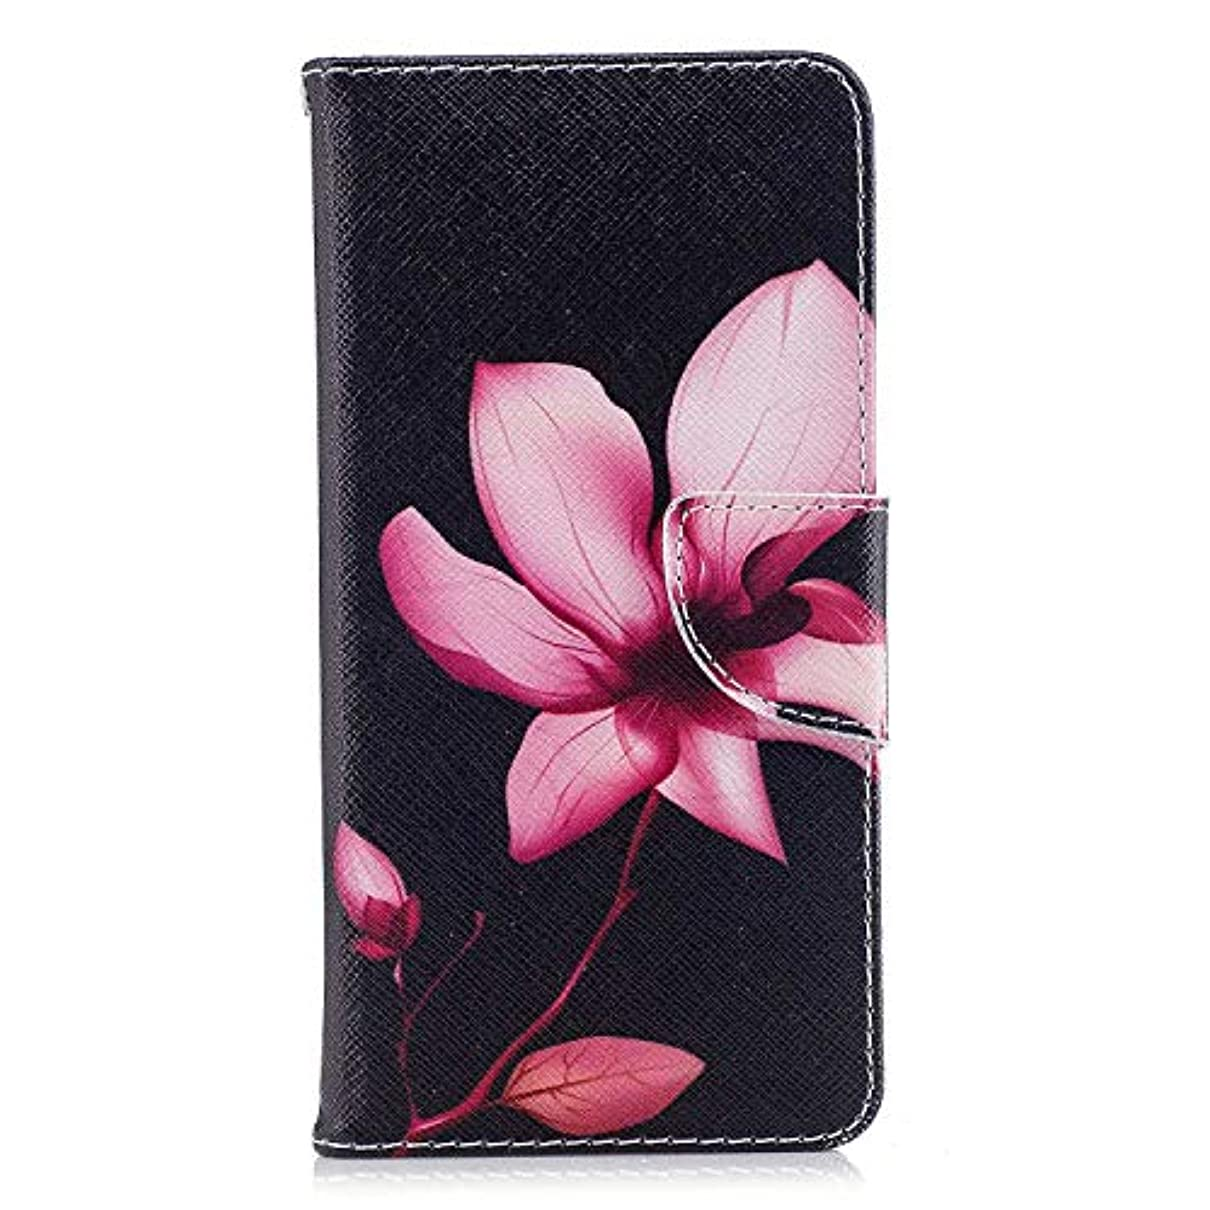 丈夫開発する葬儀OMATENTI Xiaomi Redmi 5 ケース, ファッション人気 PUレザー 手帳 軽量 電話ケース 耐衝撃性 落下防止 薄型 スマホケースザー 付きスタンド機能, マグネット開閉式 そしてカード収納 Xiaomi...